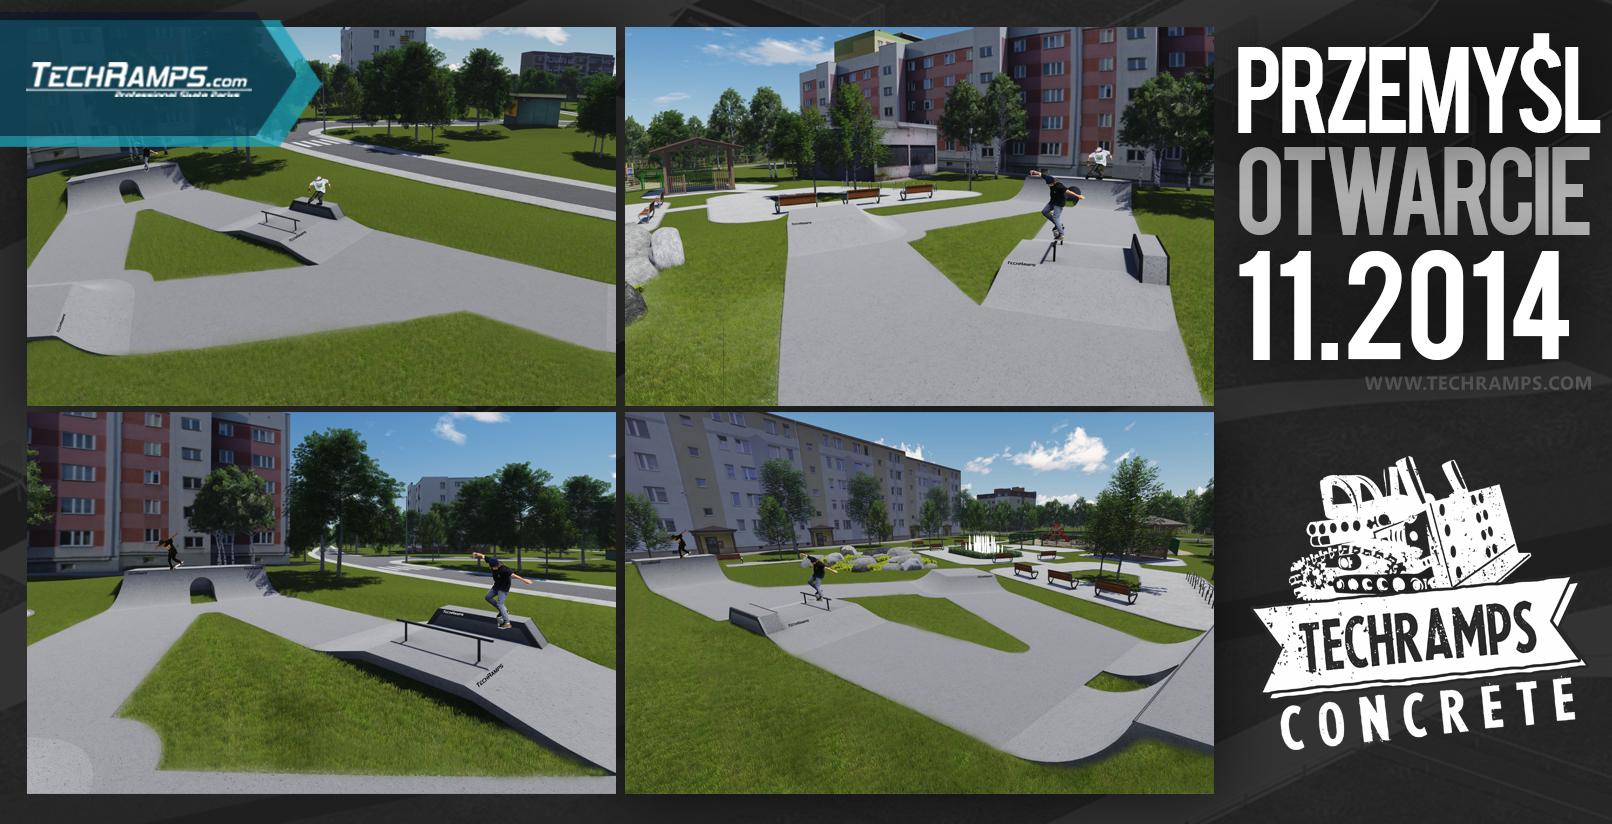 Wizualizacja skateparku - Przemyśl Techramps